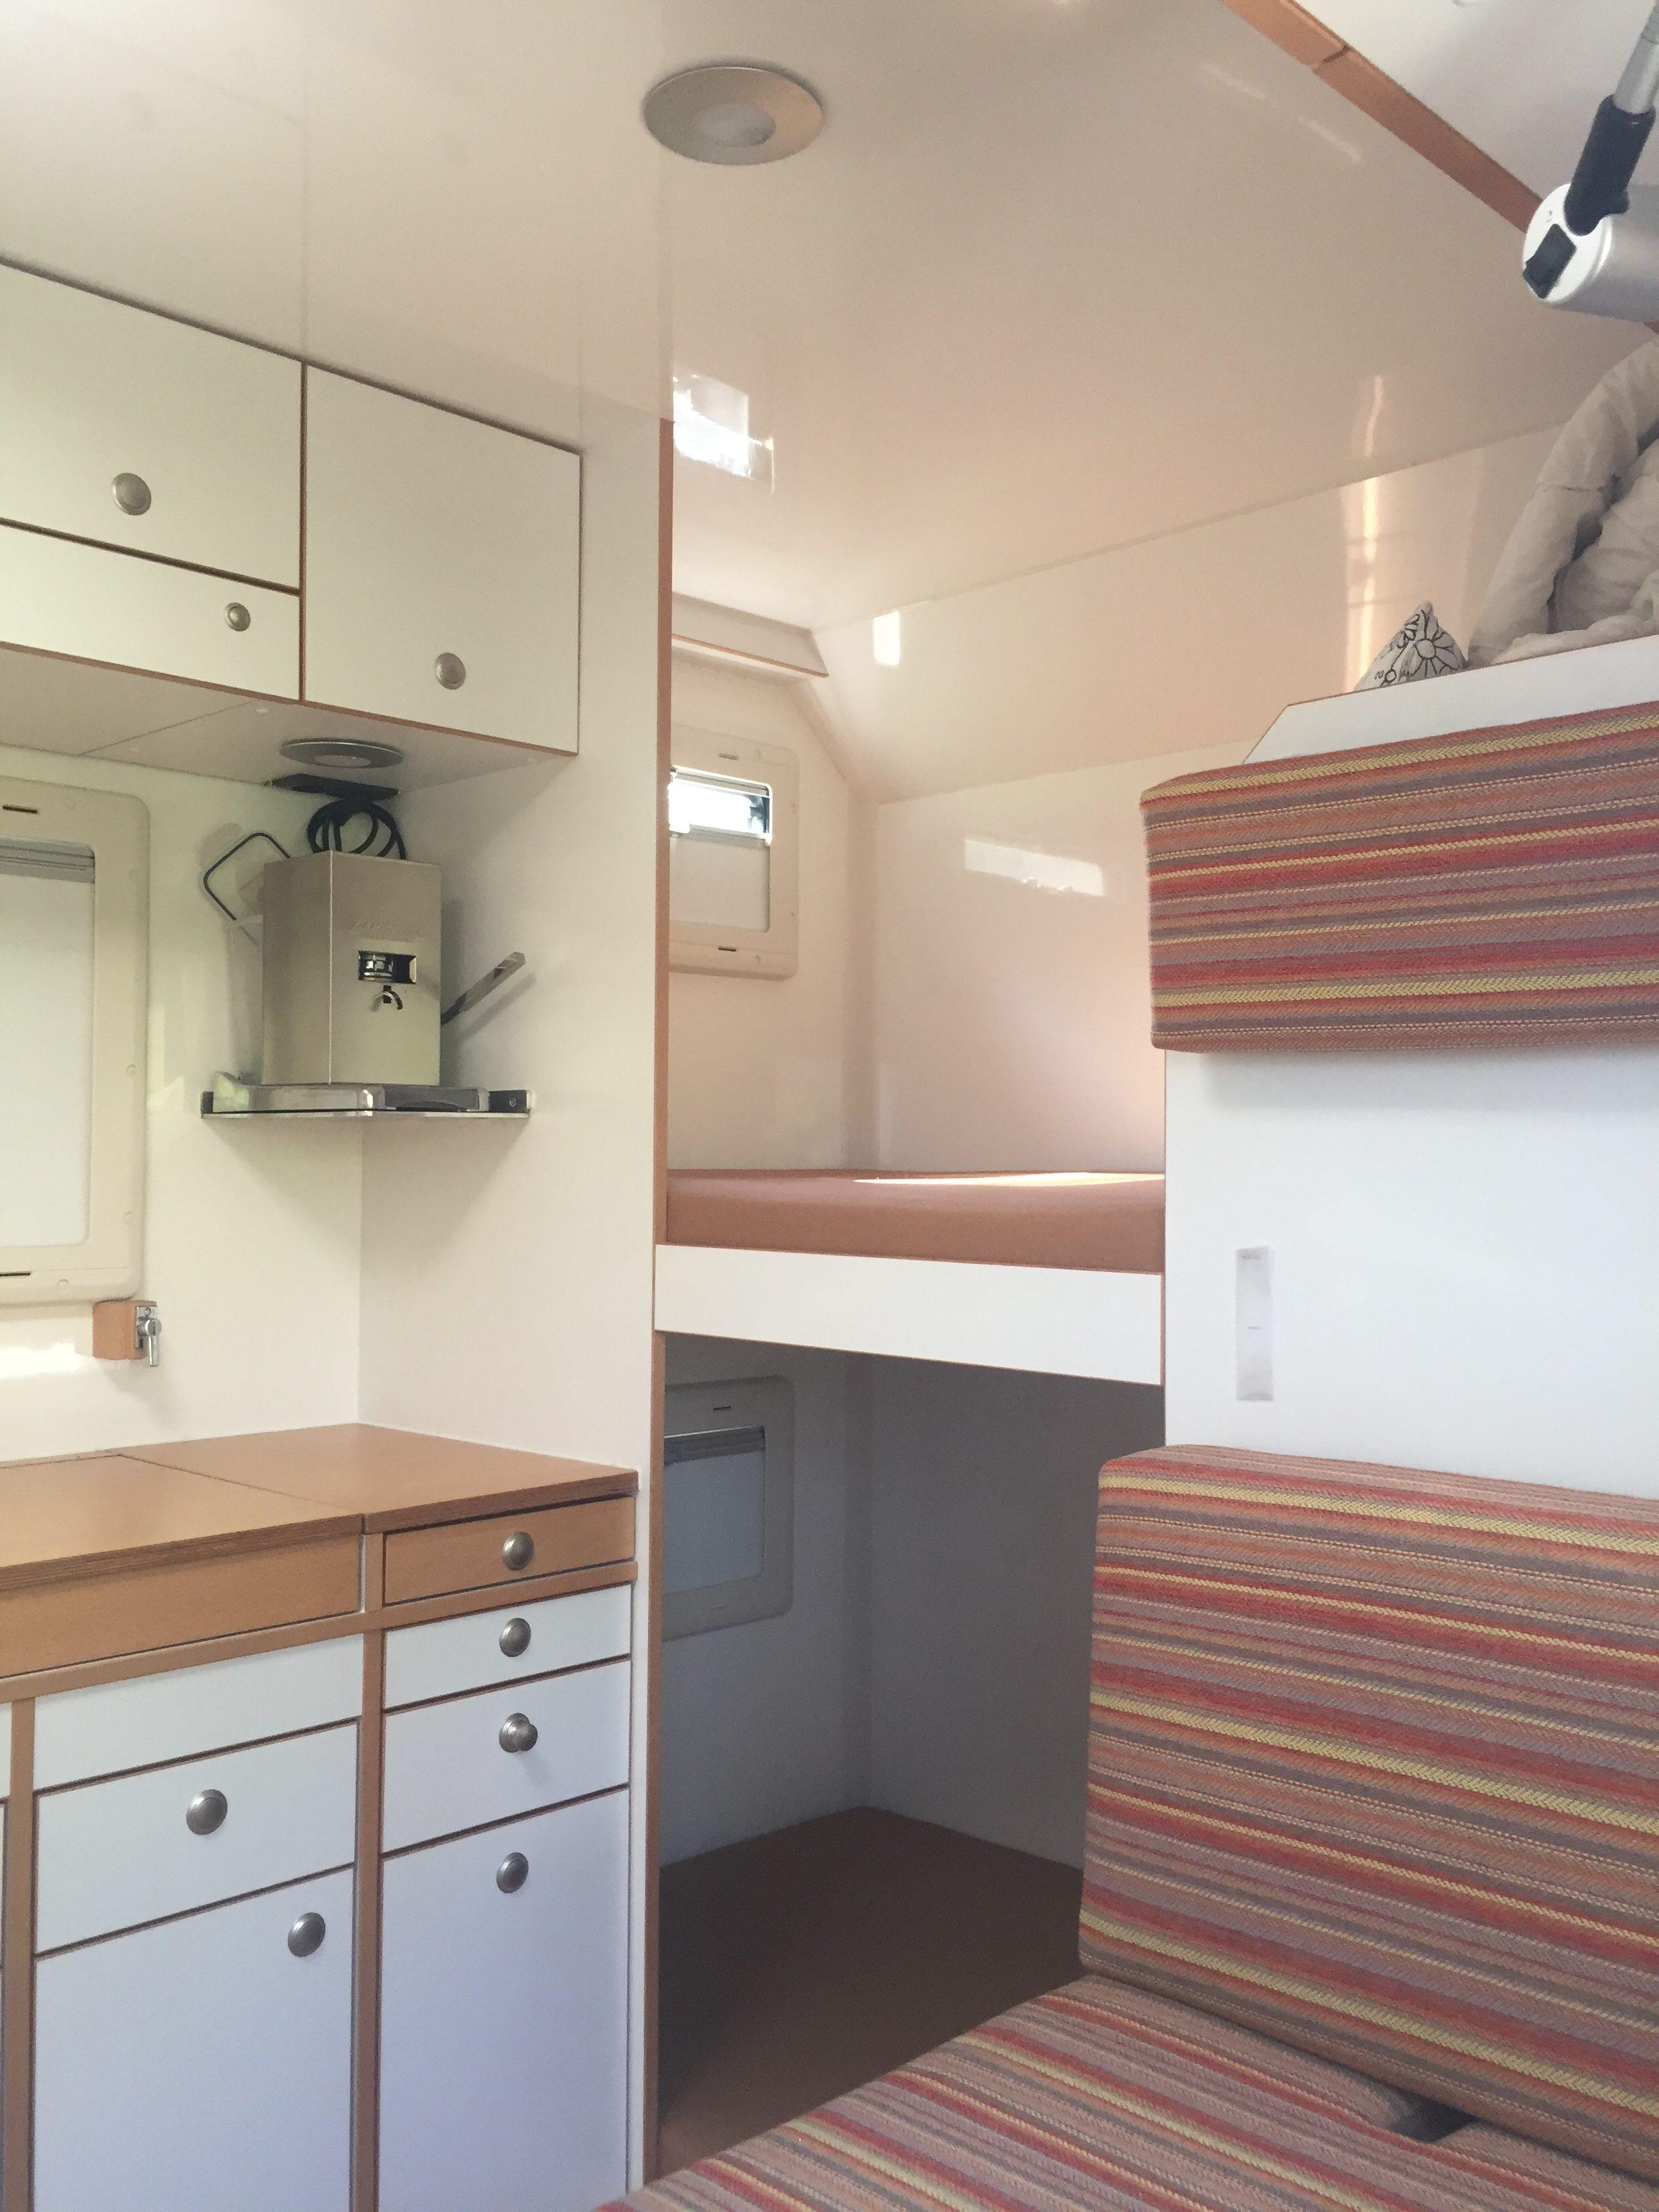 Blick auf die Stockbetten. Unter dem unteren Bett ist ein 30cm hohes Staufach, vom Bett aus und von außen zugänglich.